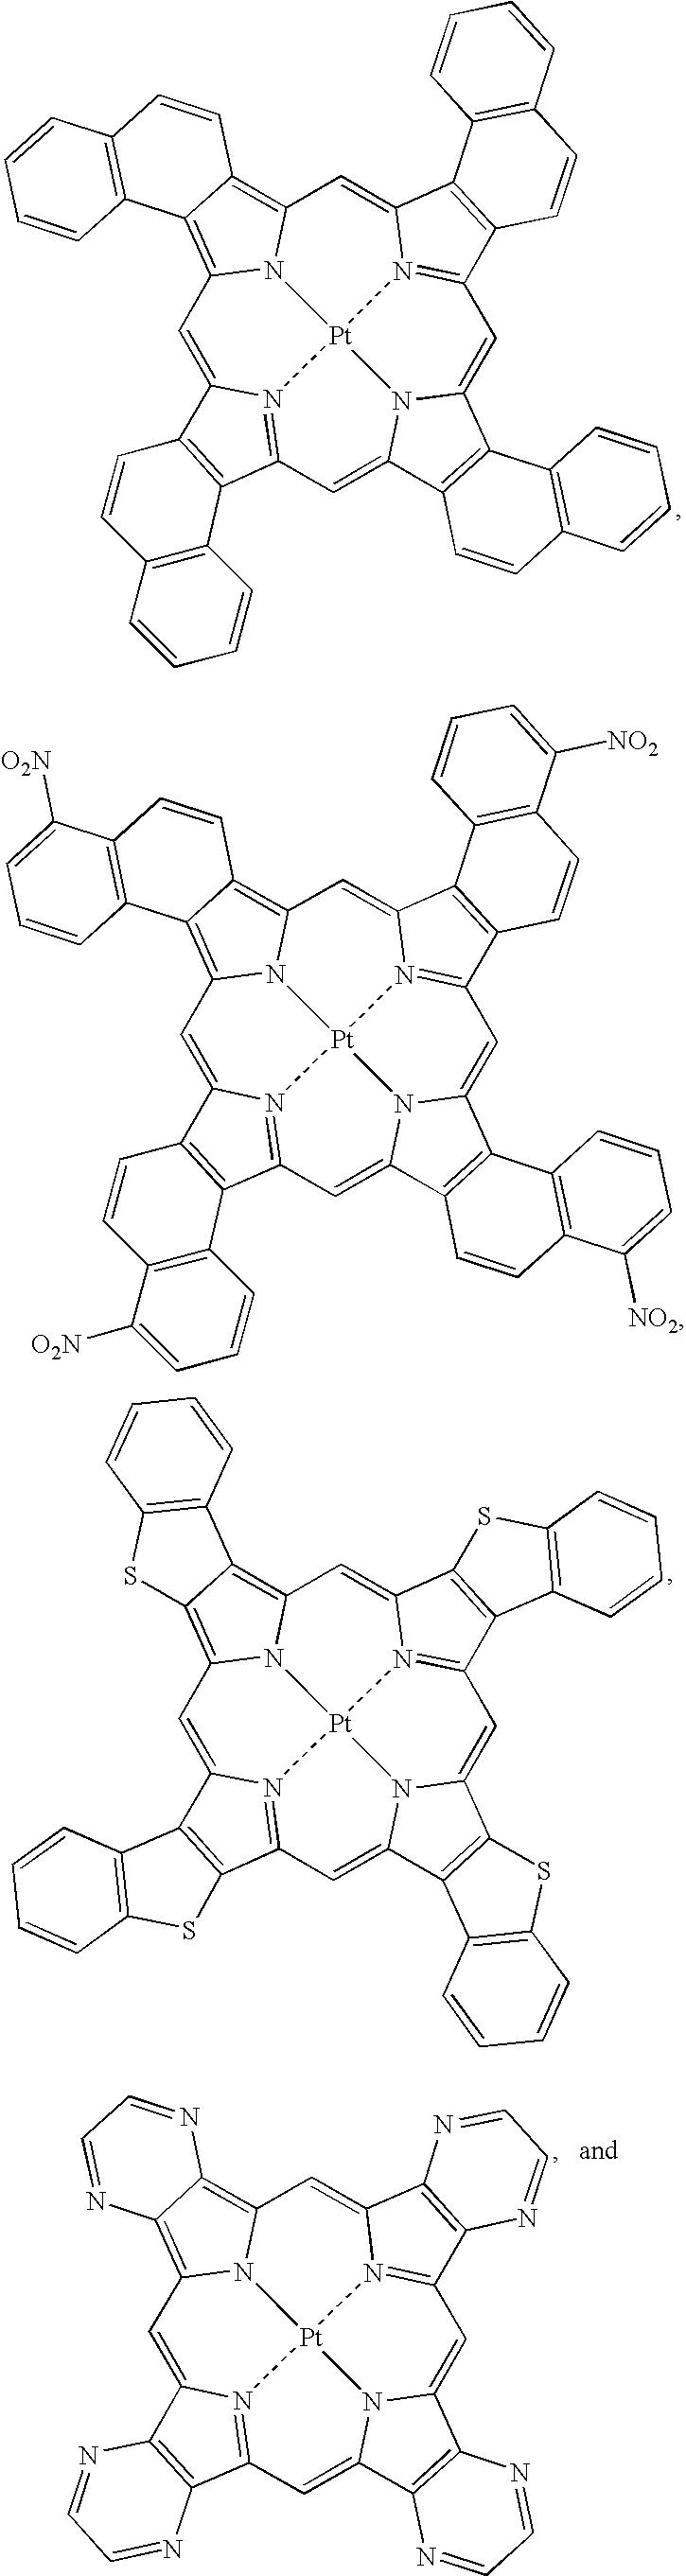 Figure US20080061681A1-20080313-C00017